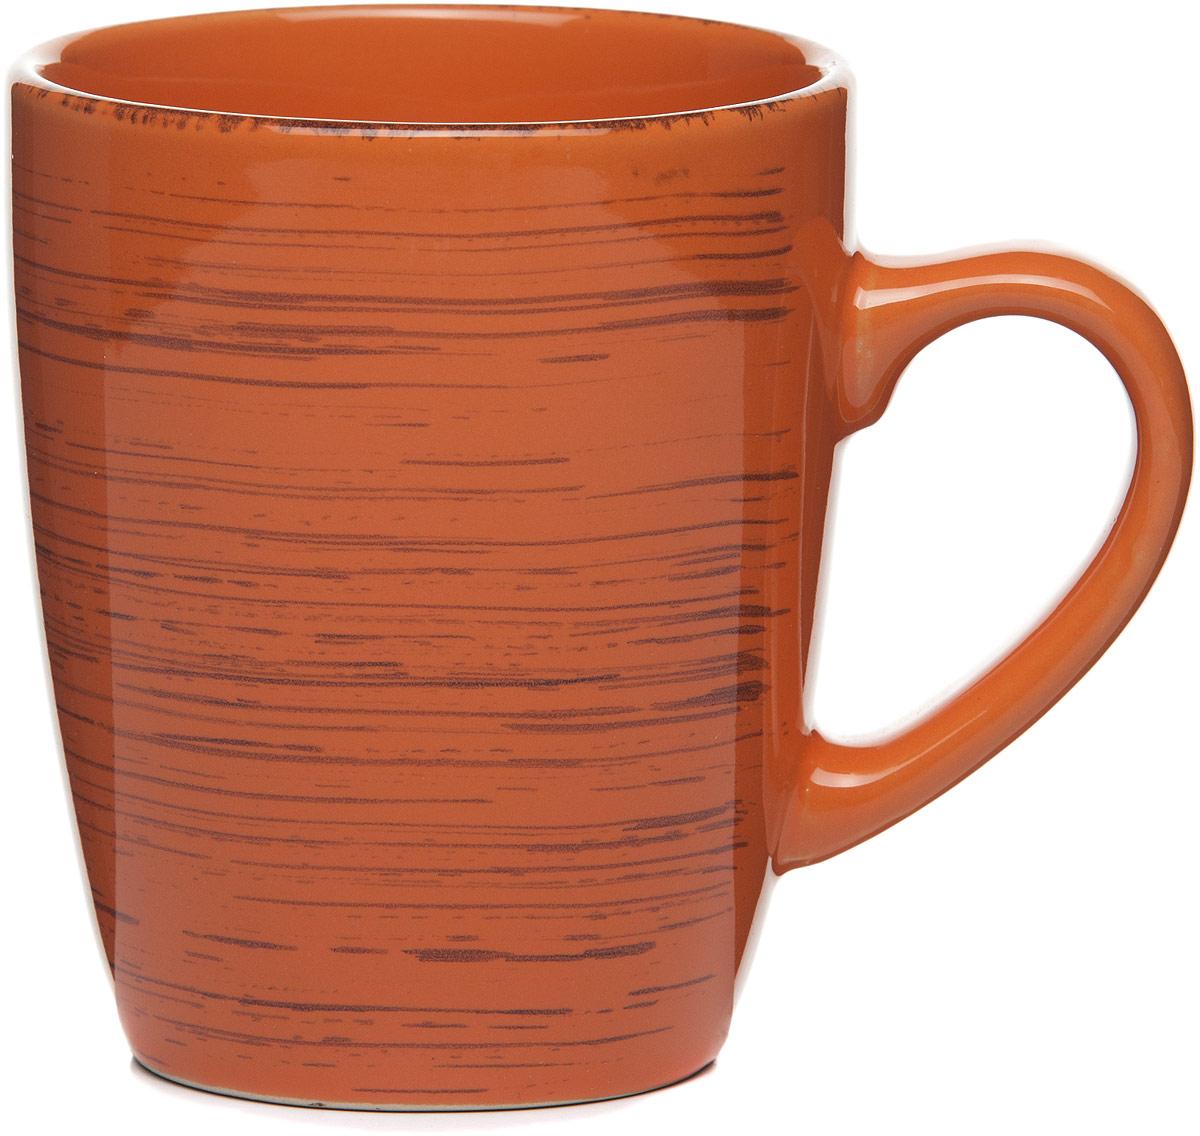 Кружка столовая Gotoff , цвет: оранжевый, 340 мл кружка wing star цвет оранжевый белый 350 мл